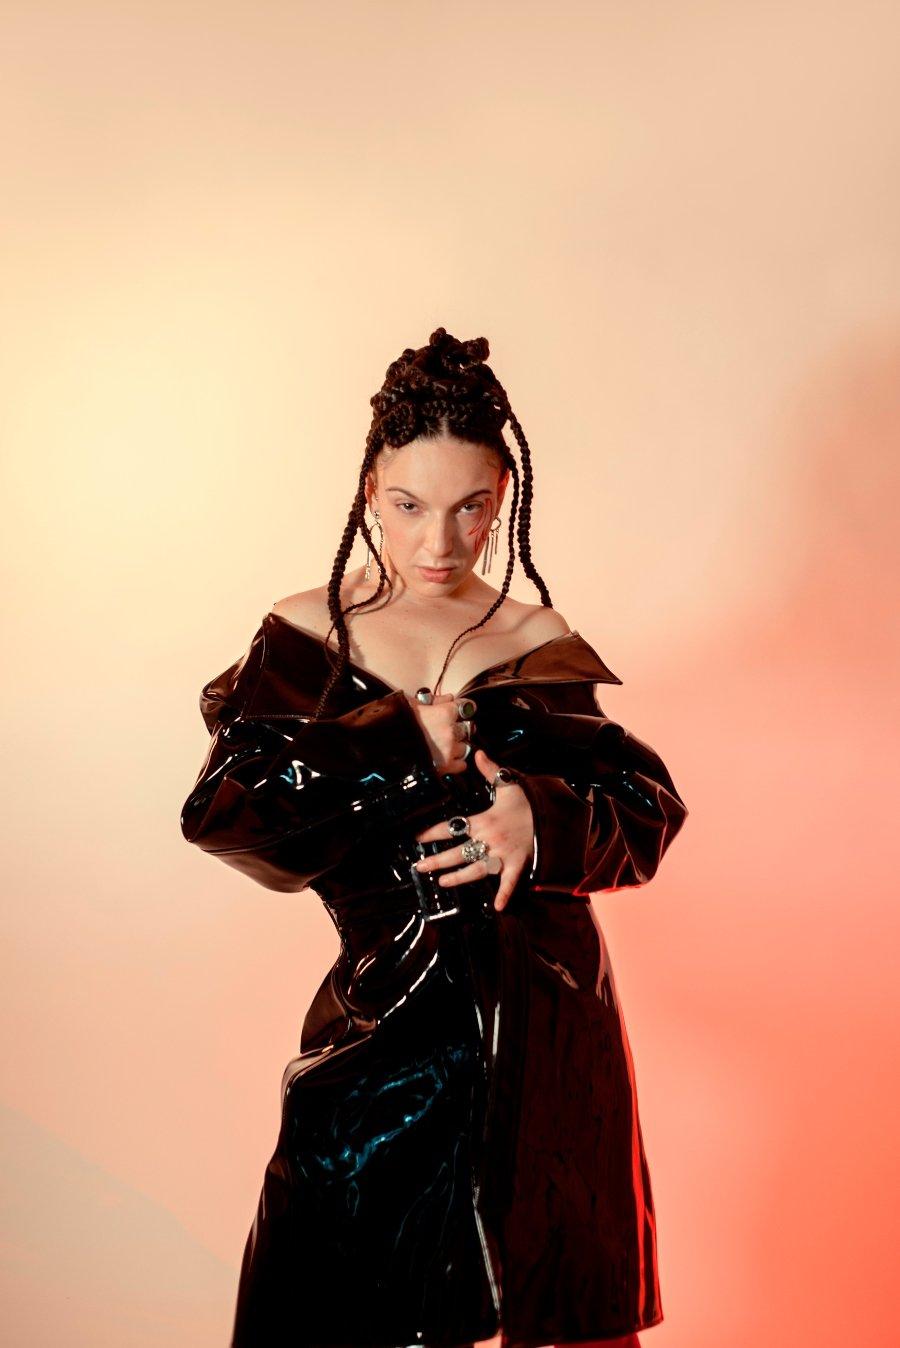 Retrato de la cantante Mercedes, quien está estrenando su sencillo Ejército